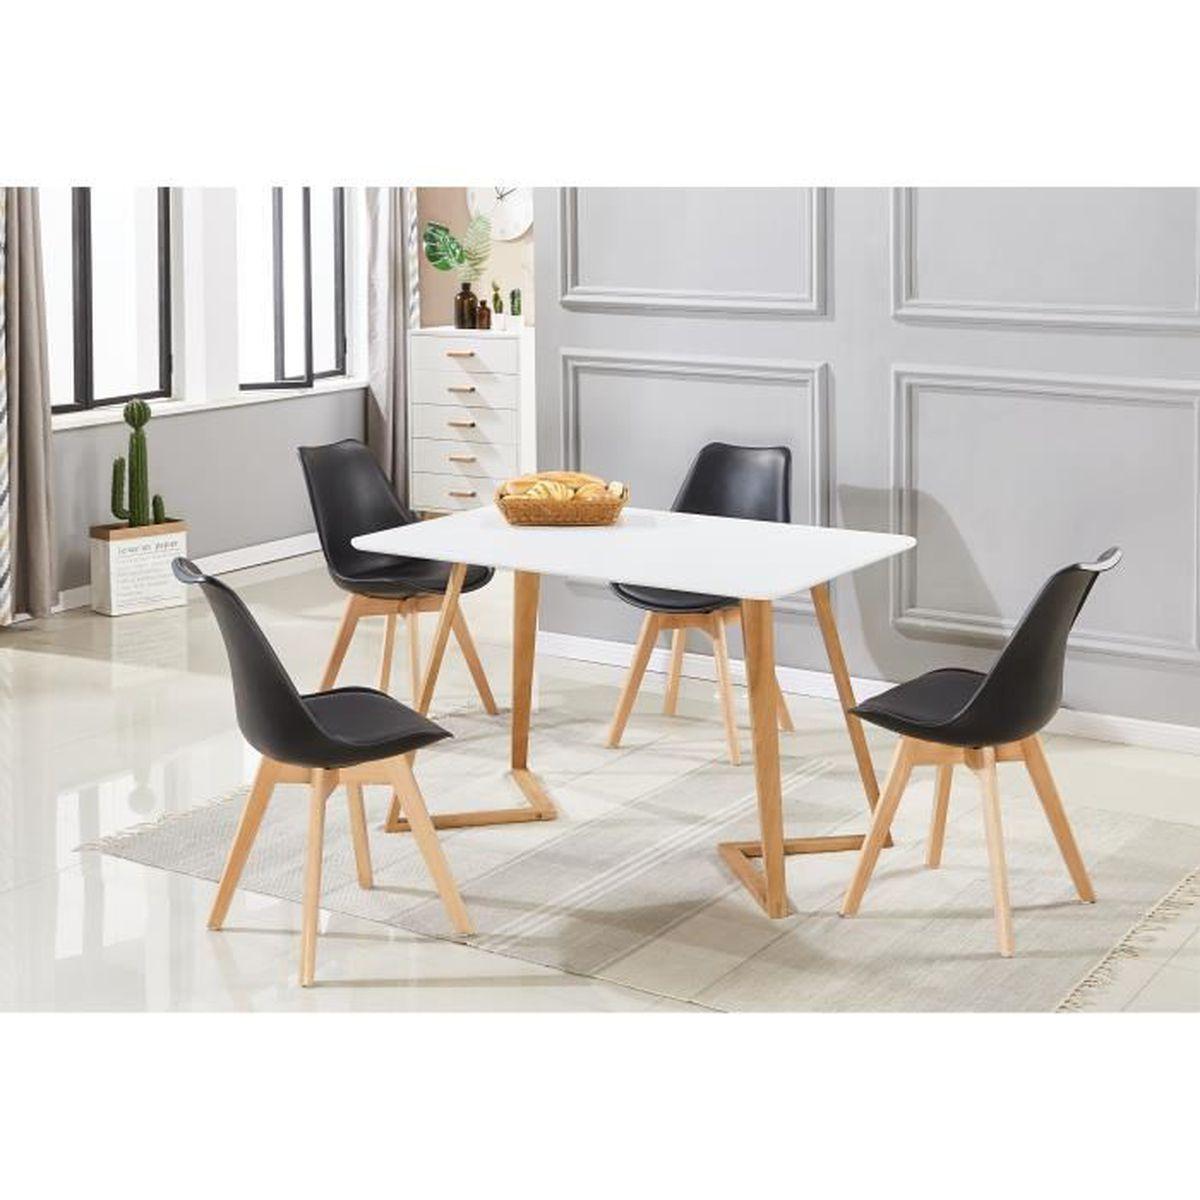 Table à Manger Blanche + 4 Chaises Scandinaves Noires - Ensemble ...